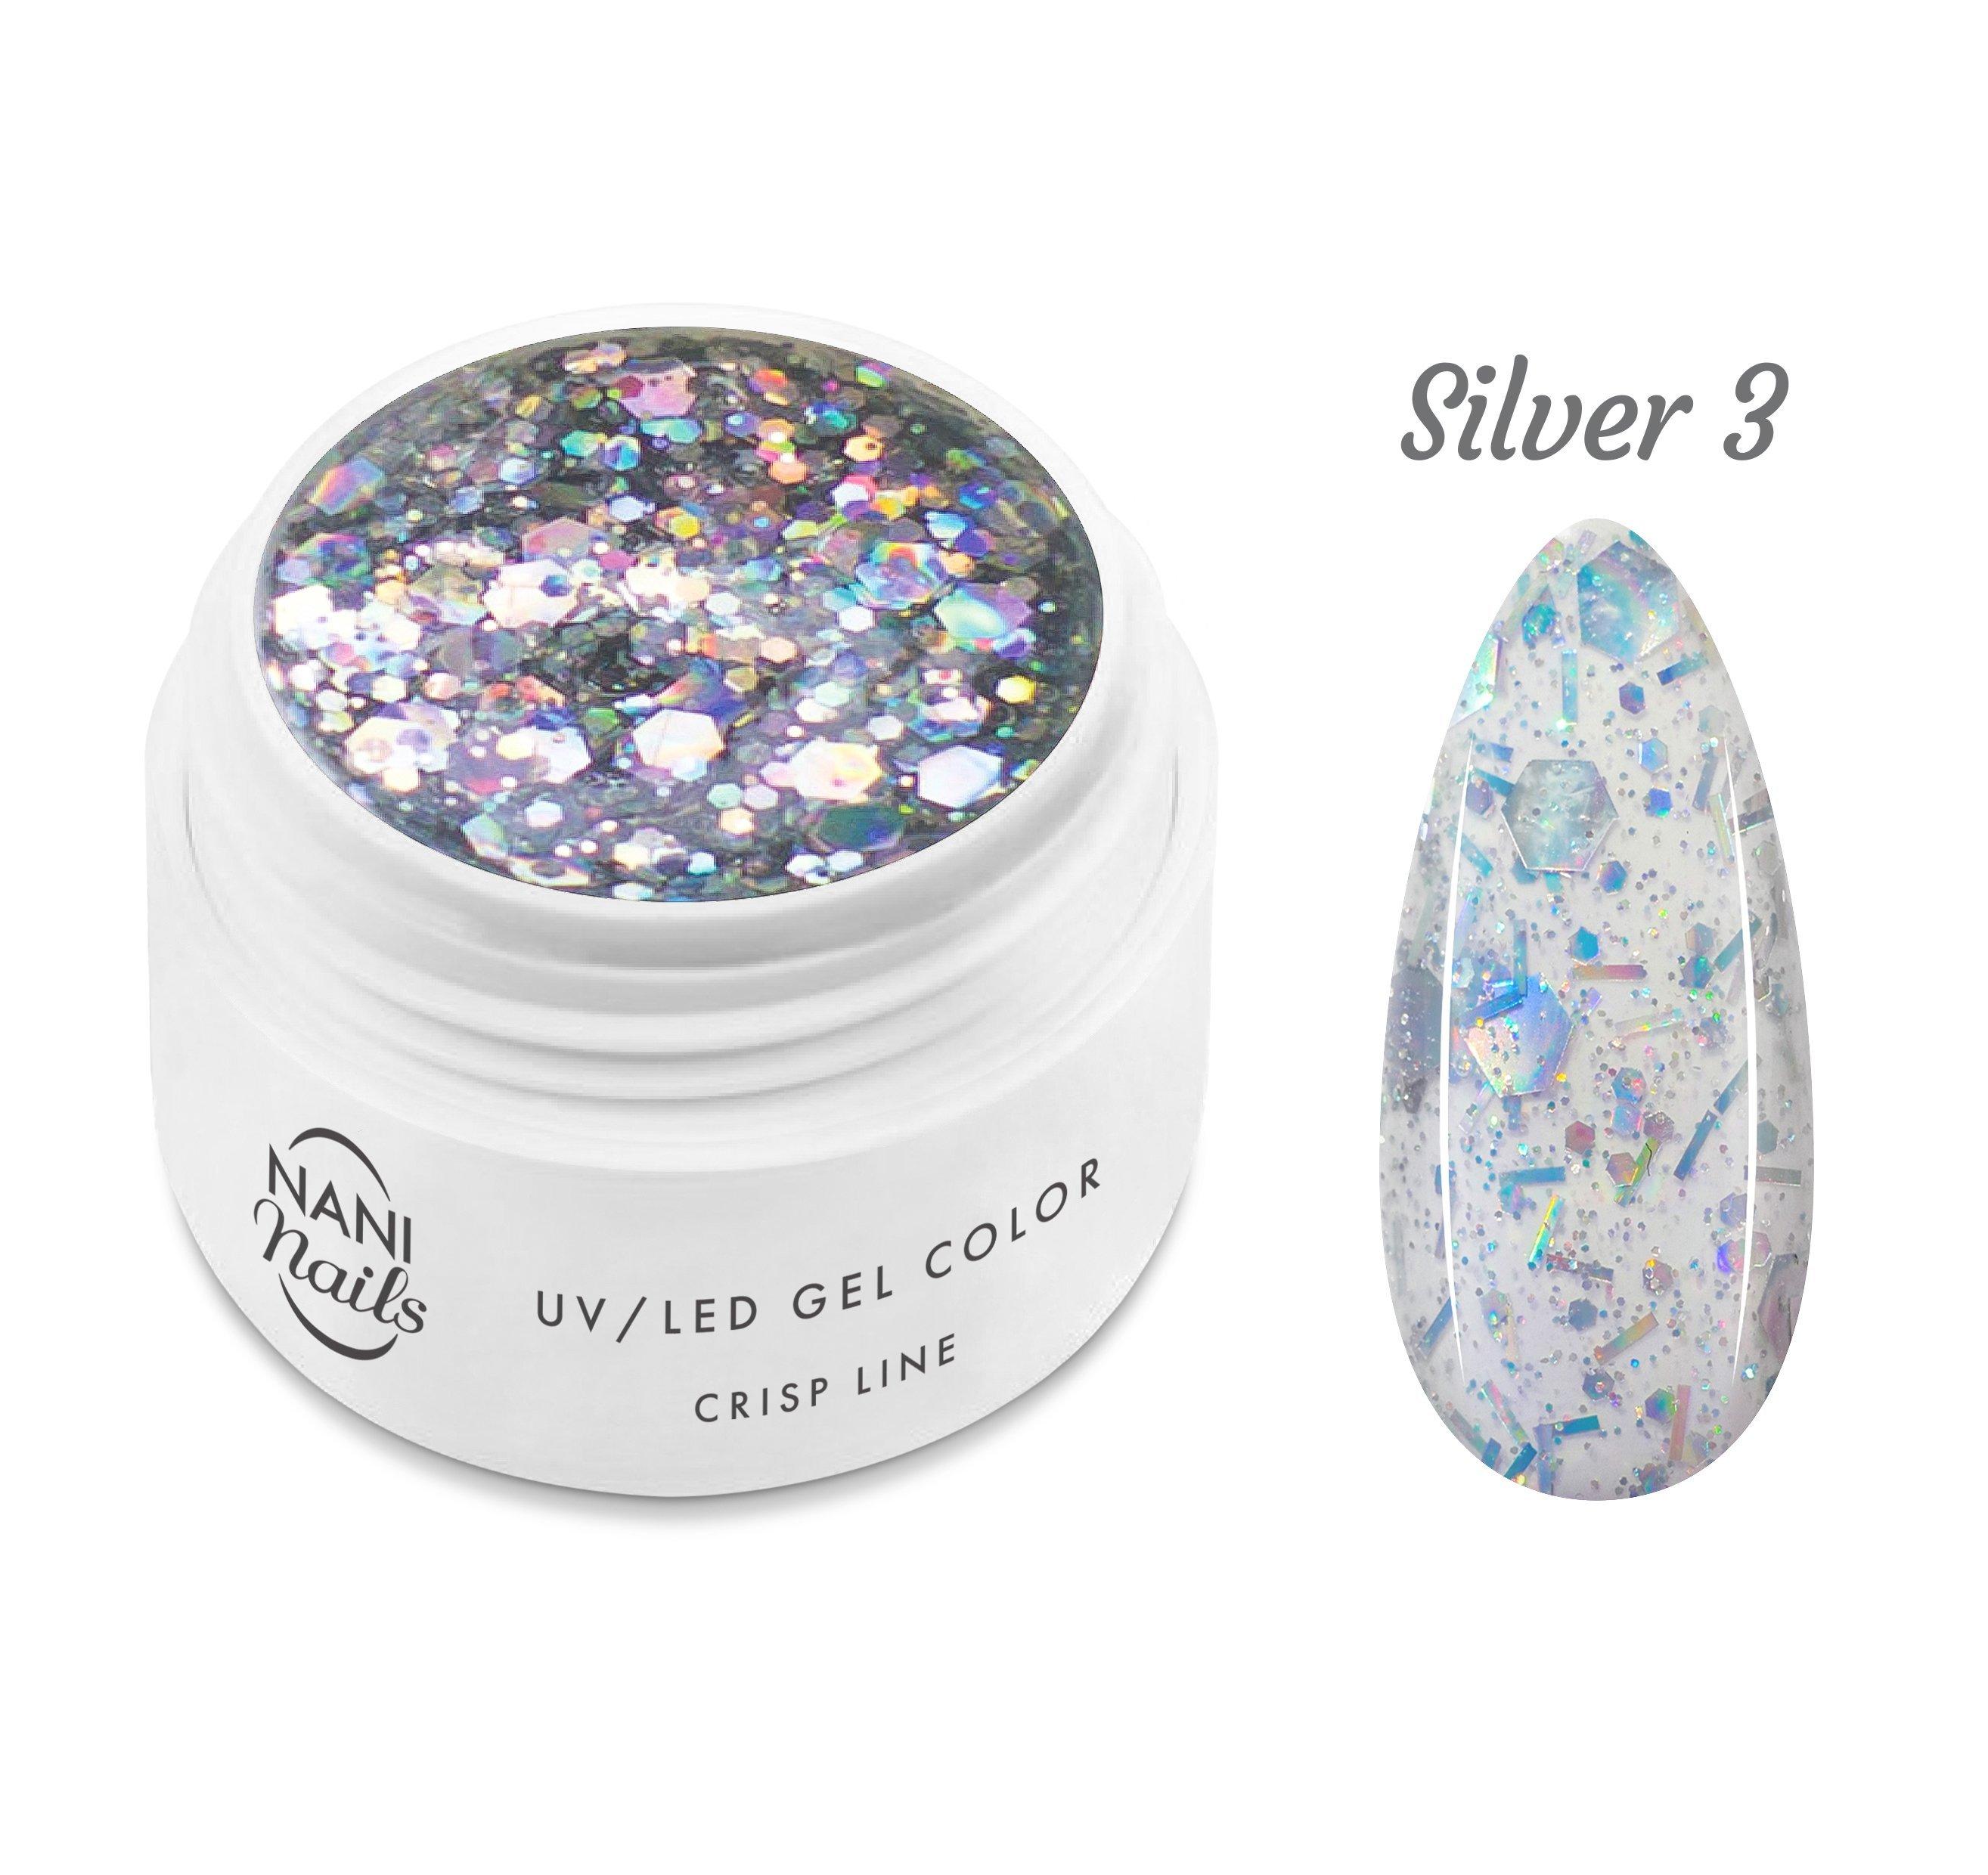 NANI UV gél Crisp Line 5 ml - Silver